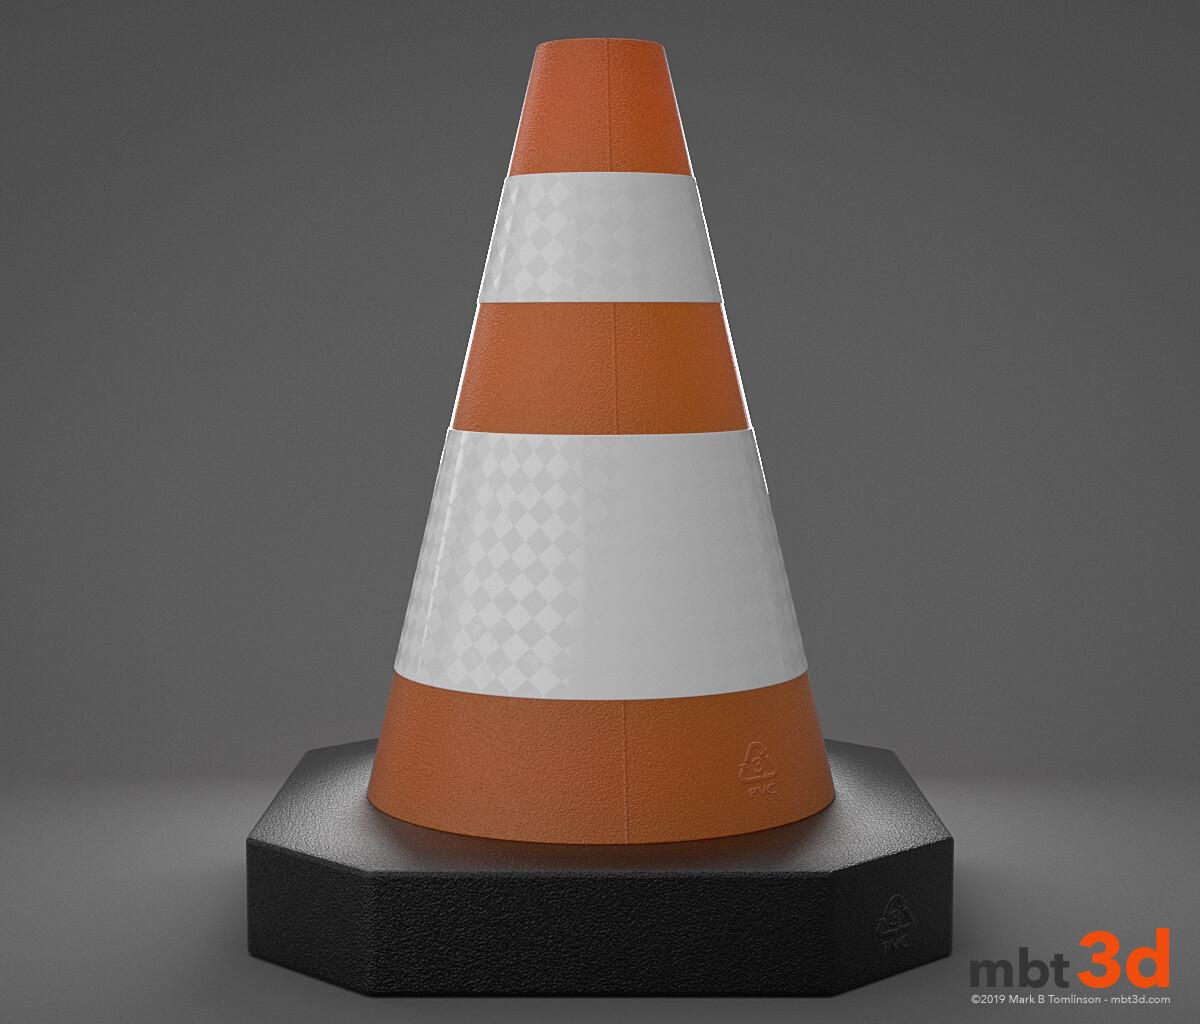 Cone: